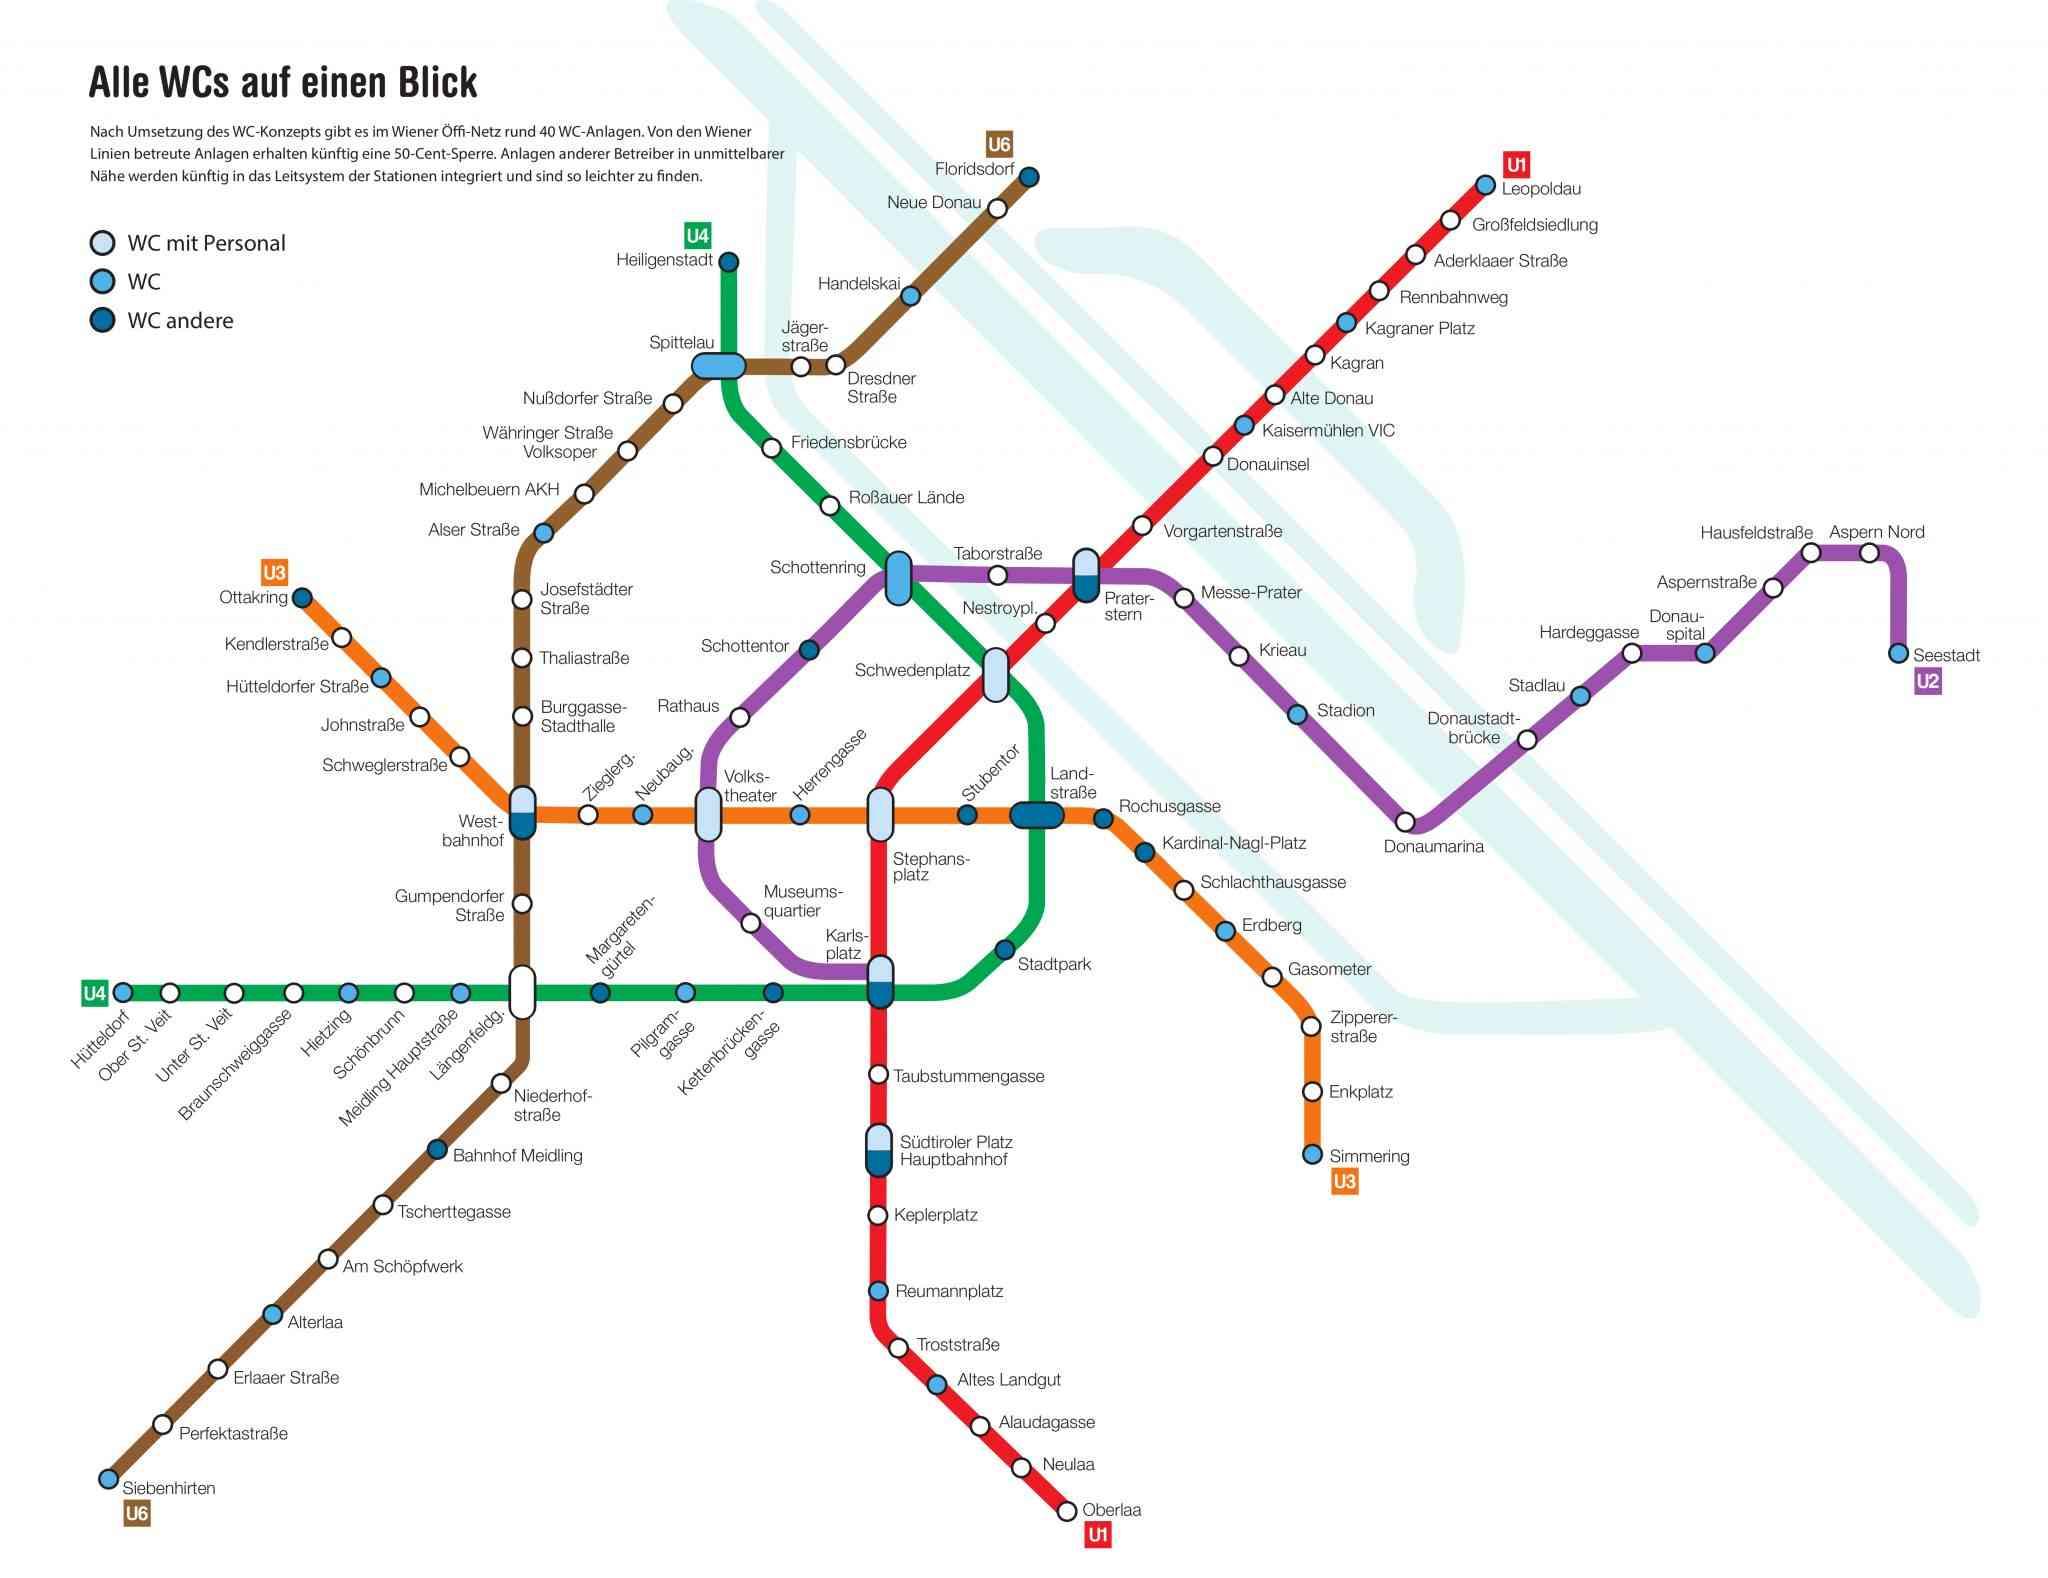 Nach Umsetzung des Konzepts wird es im Bereich des Wiener U-Bahn-Netzes rund 40 WC-Anlagen geben